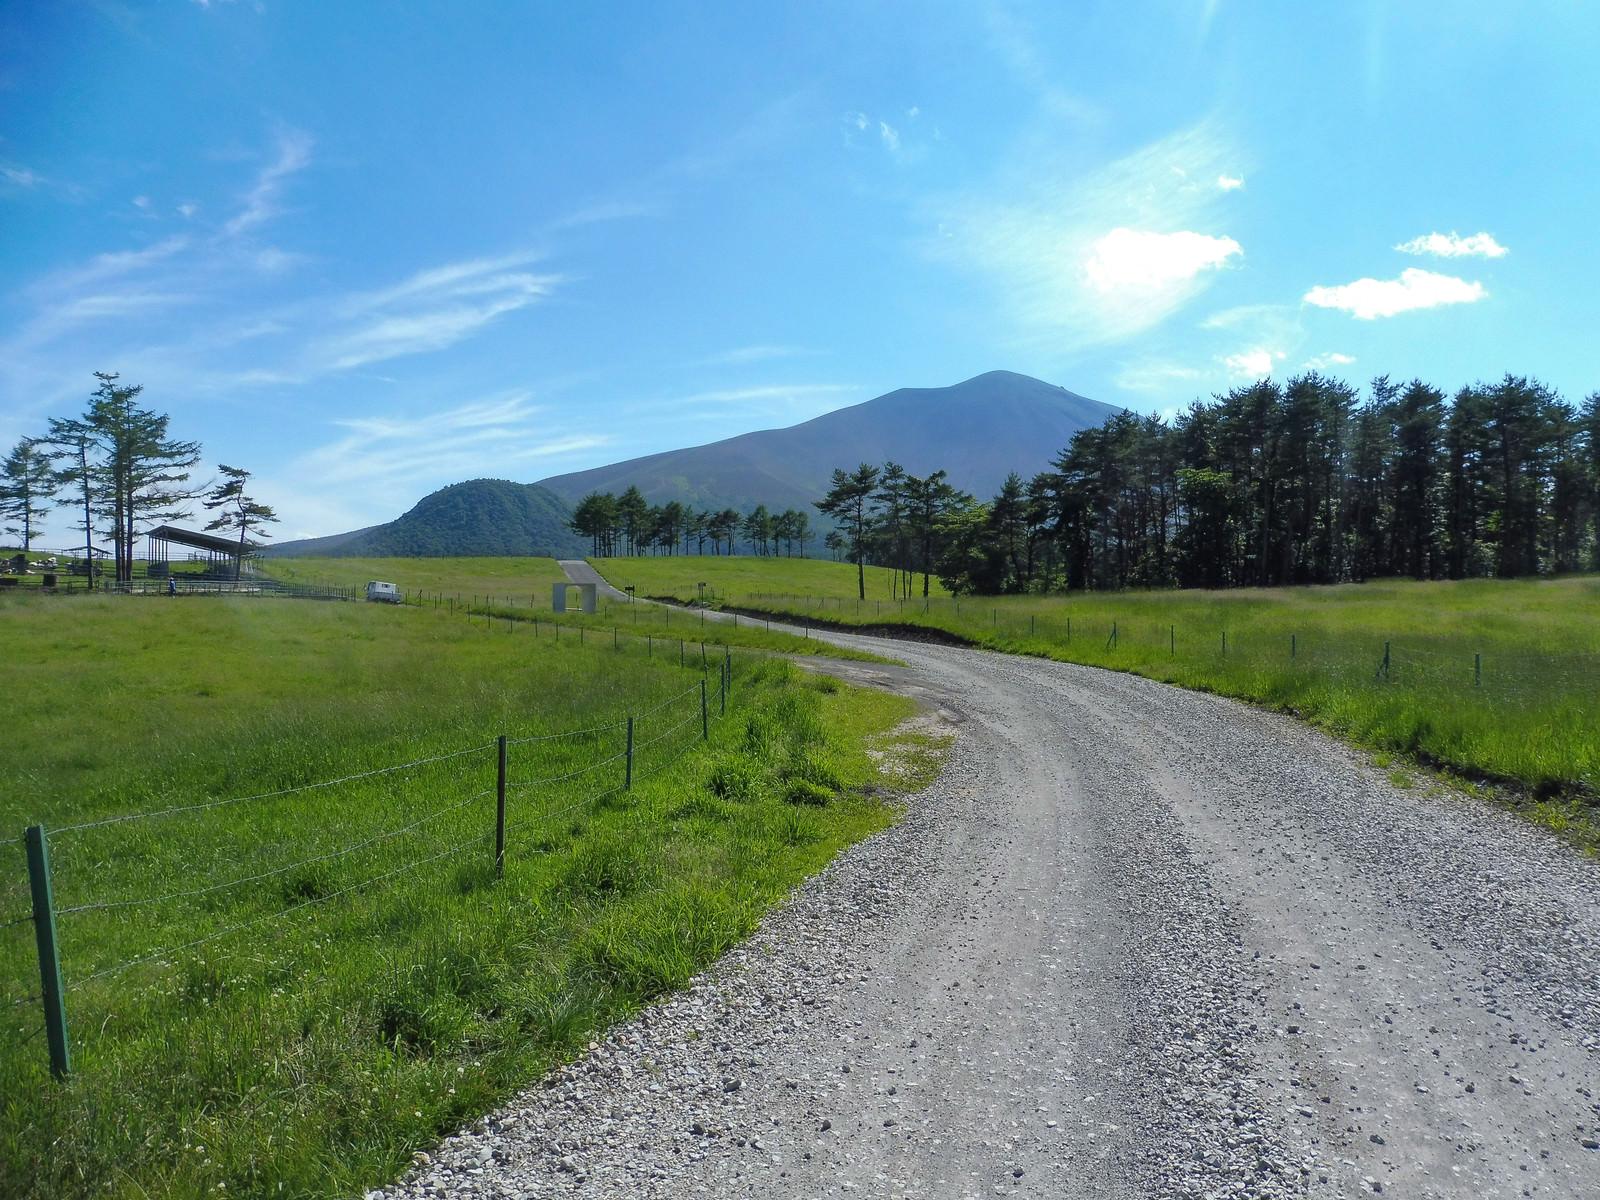 「浅間牧場の遊歩道浅間牧場の遊歩道」のフリー写真素材を拡大